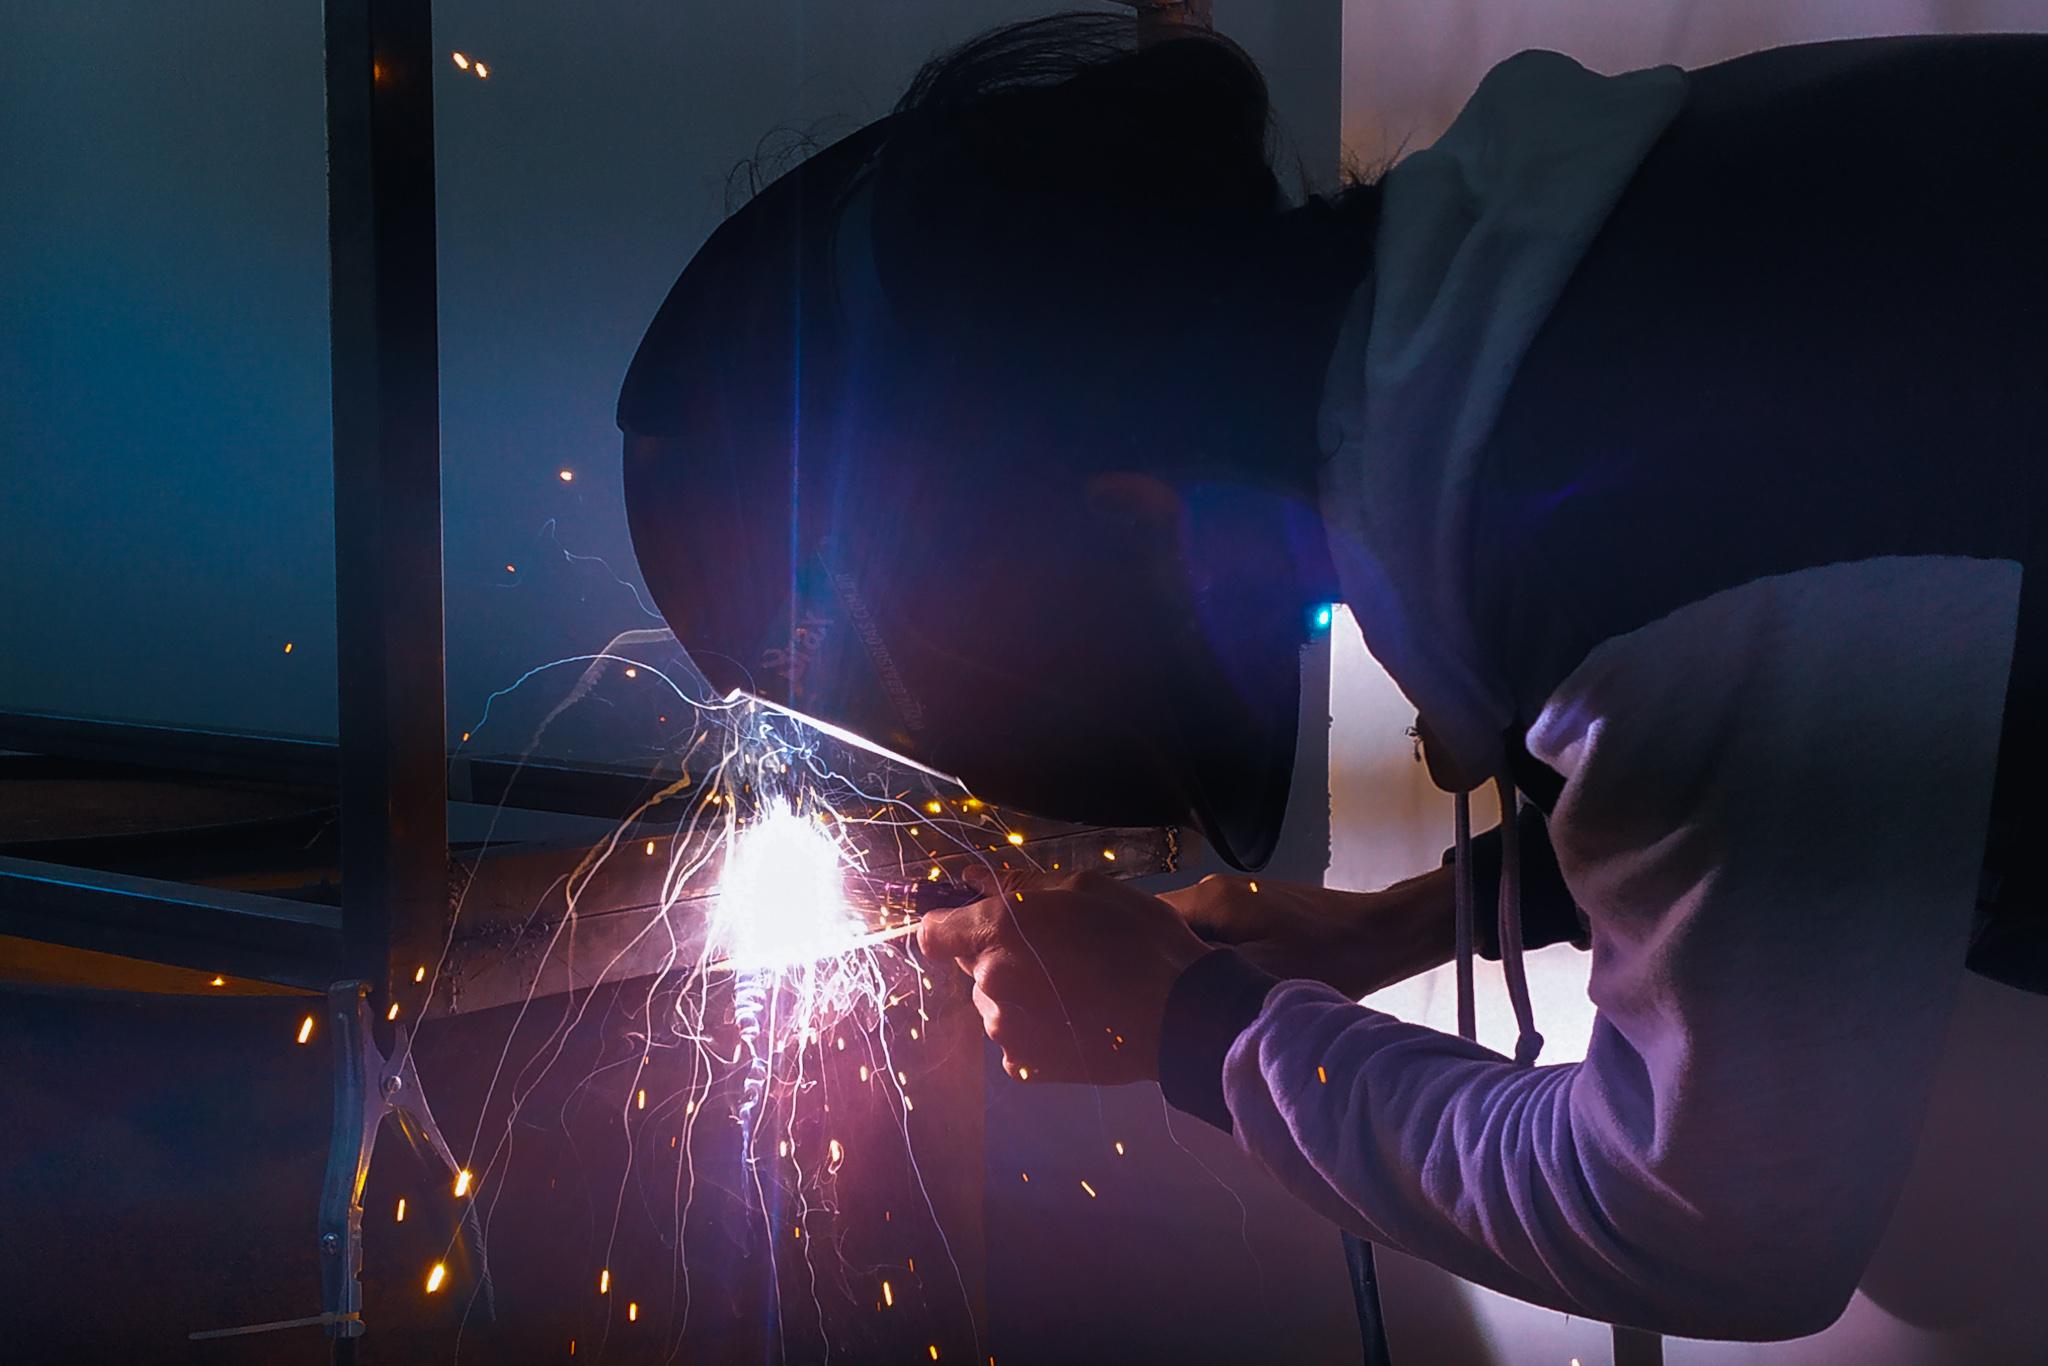 Trabalho de soldagem de uma das peças do foguete - Foto Romildo Marques